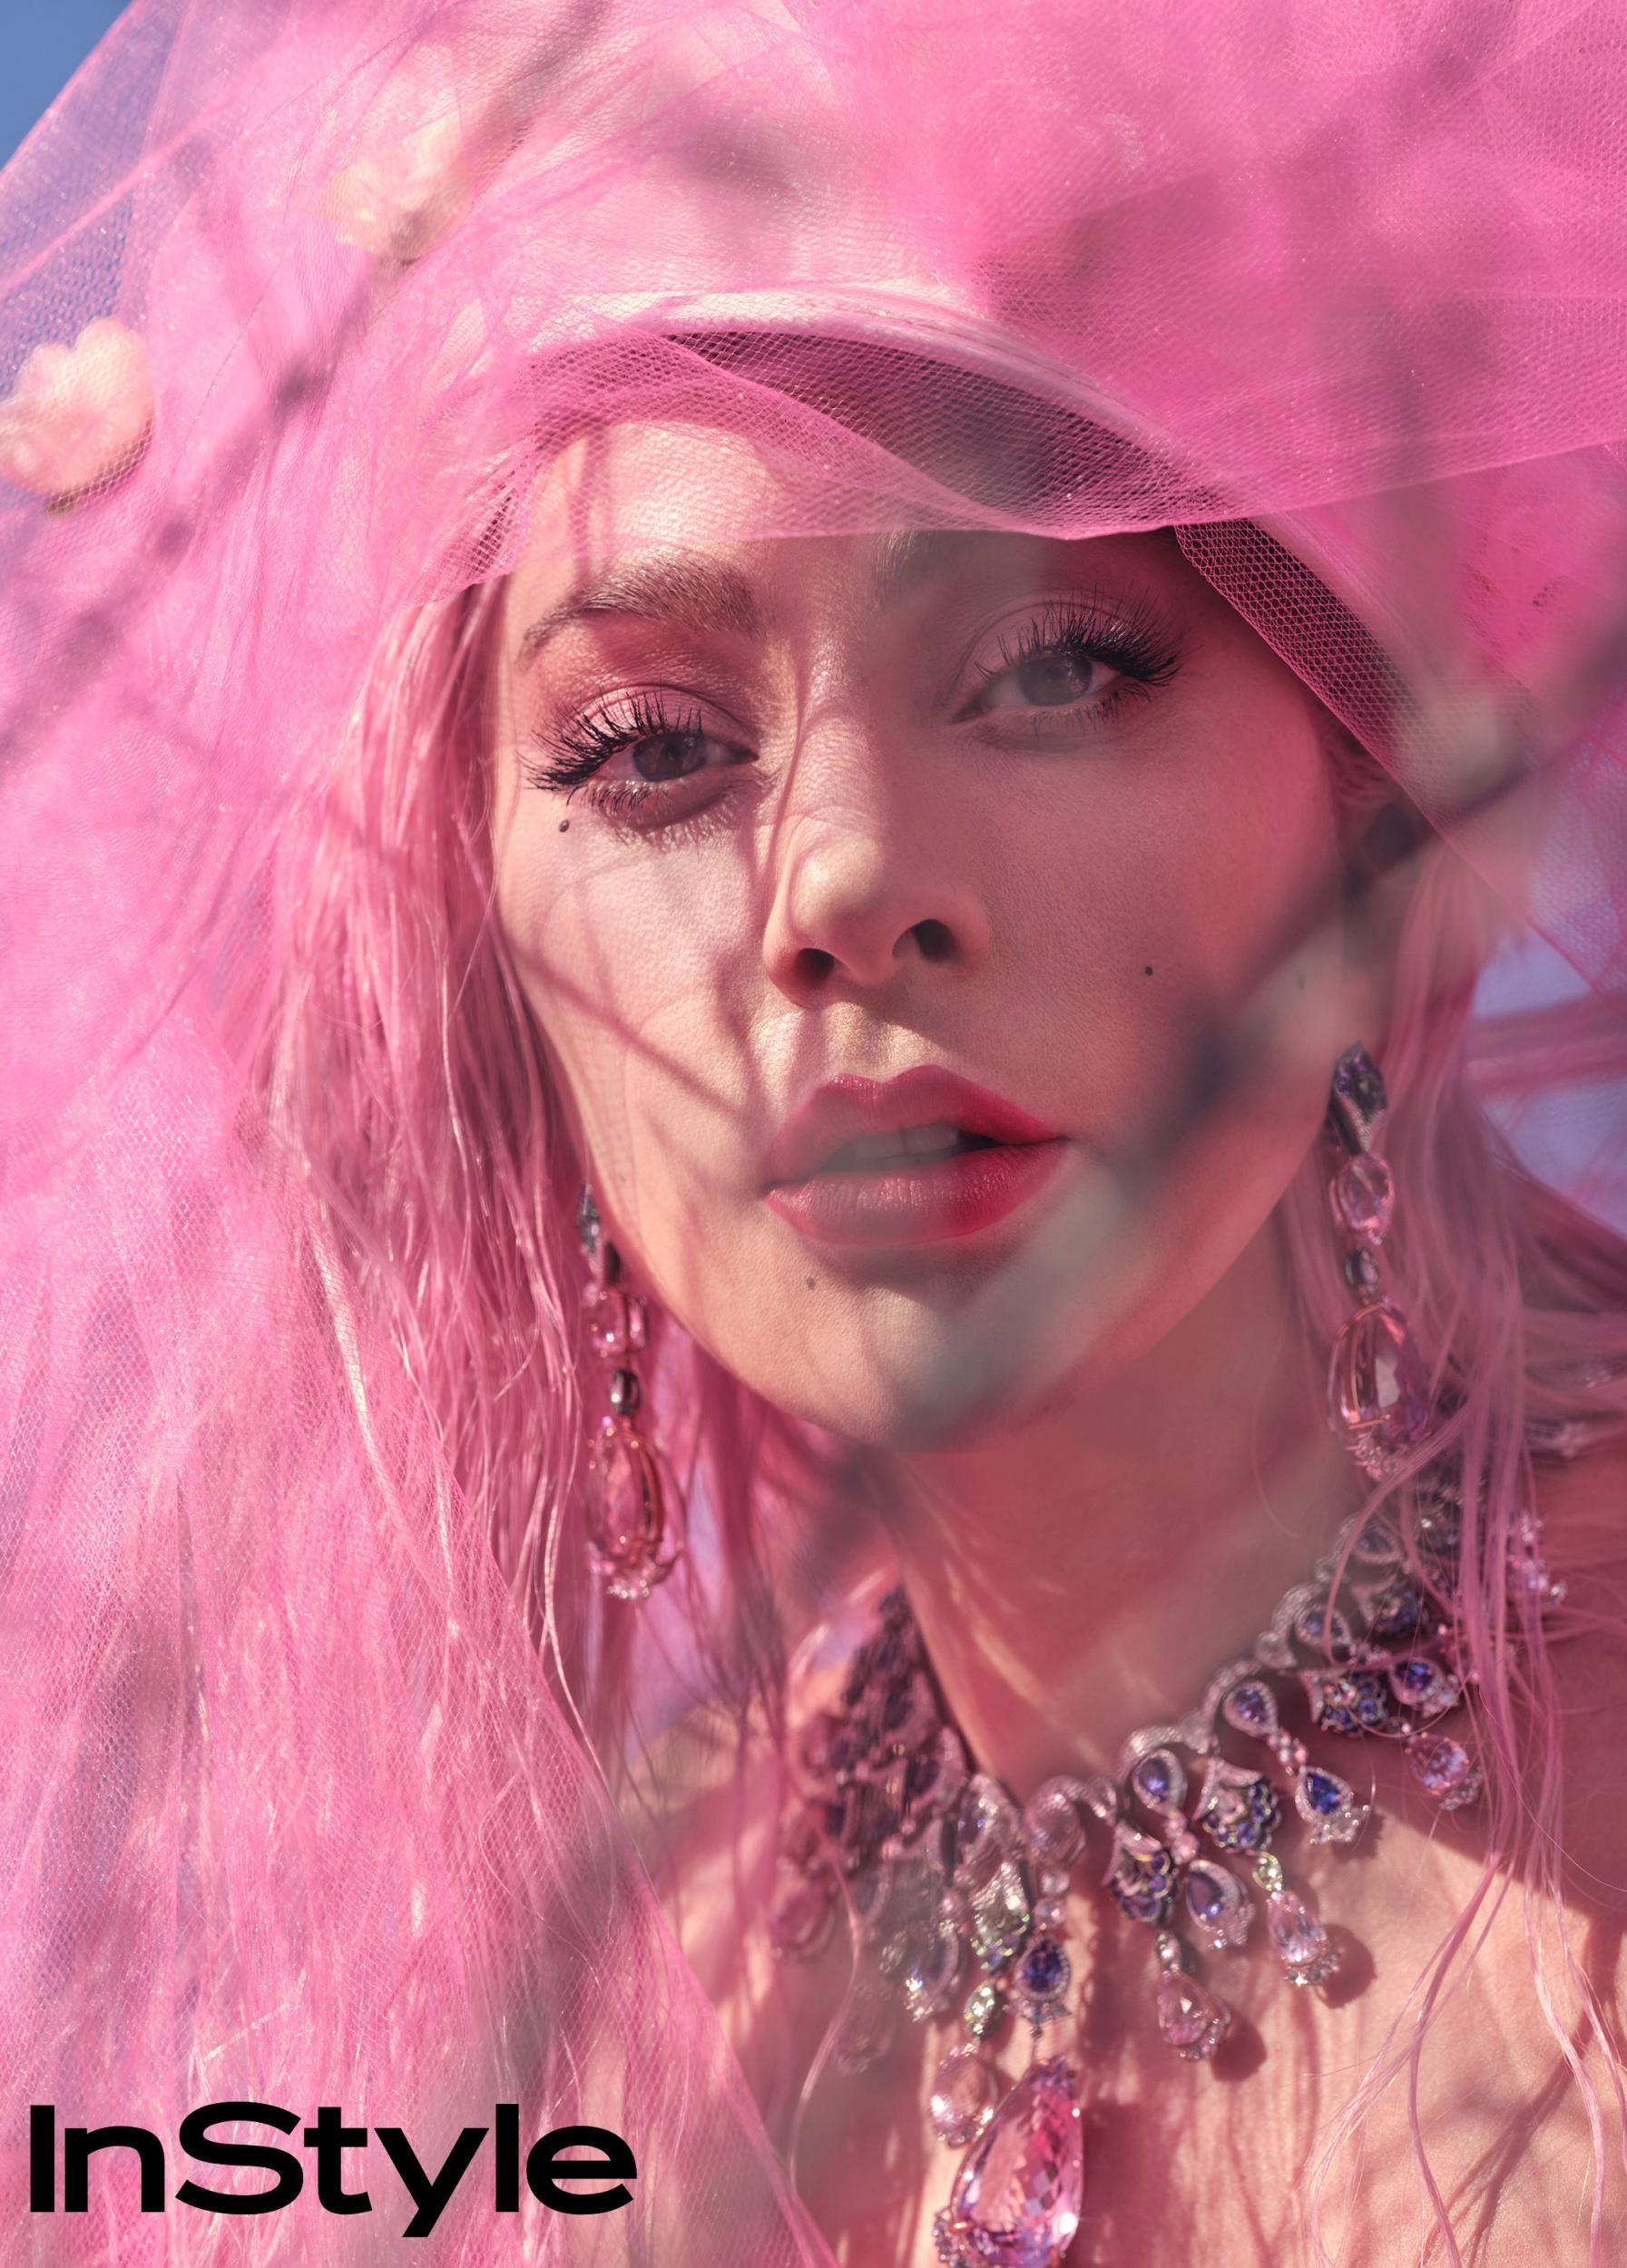 Роскошная Леди Гага снялась в нежной фотосессии для InStyle и призналась, что мечтает о семье (ФОТО) - фото №3